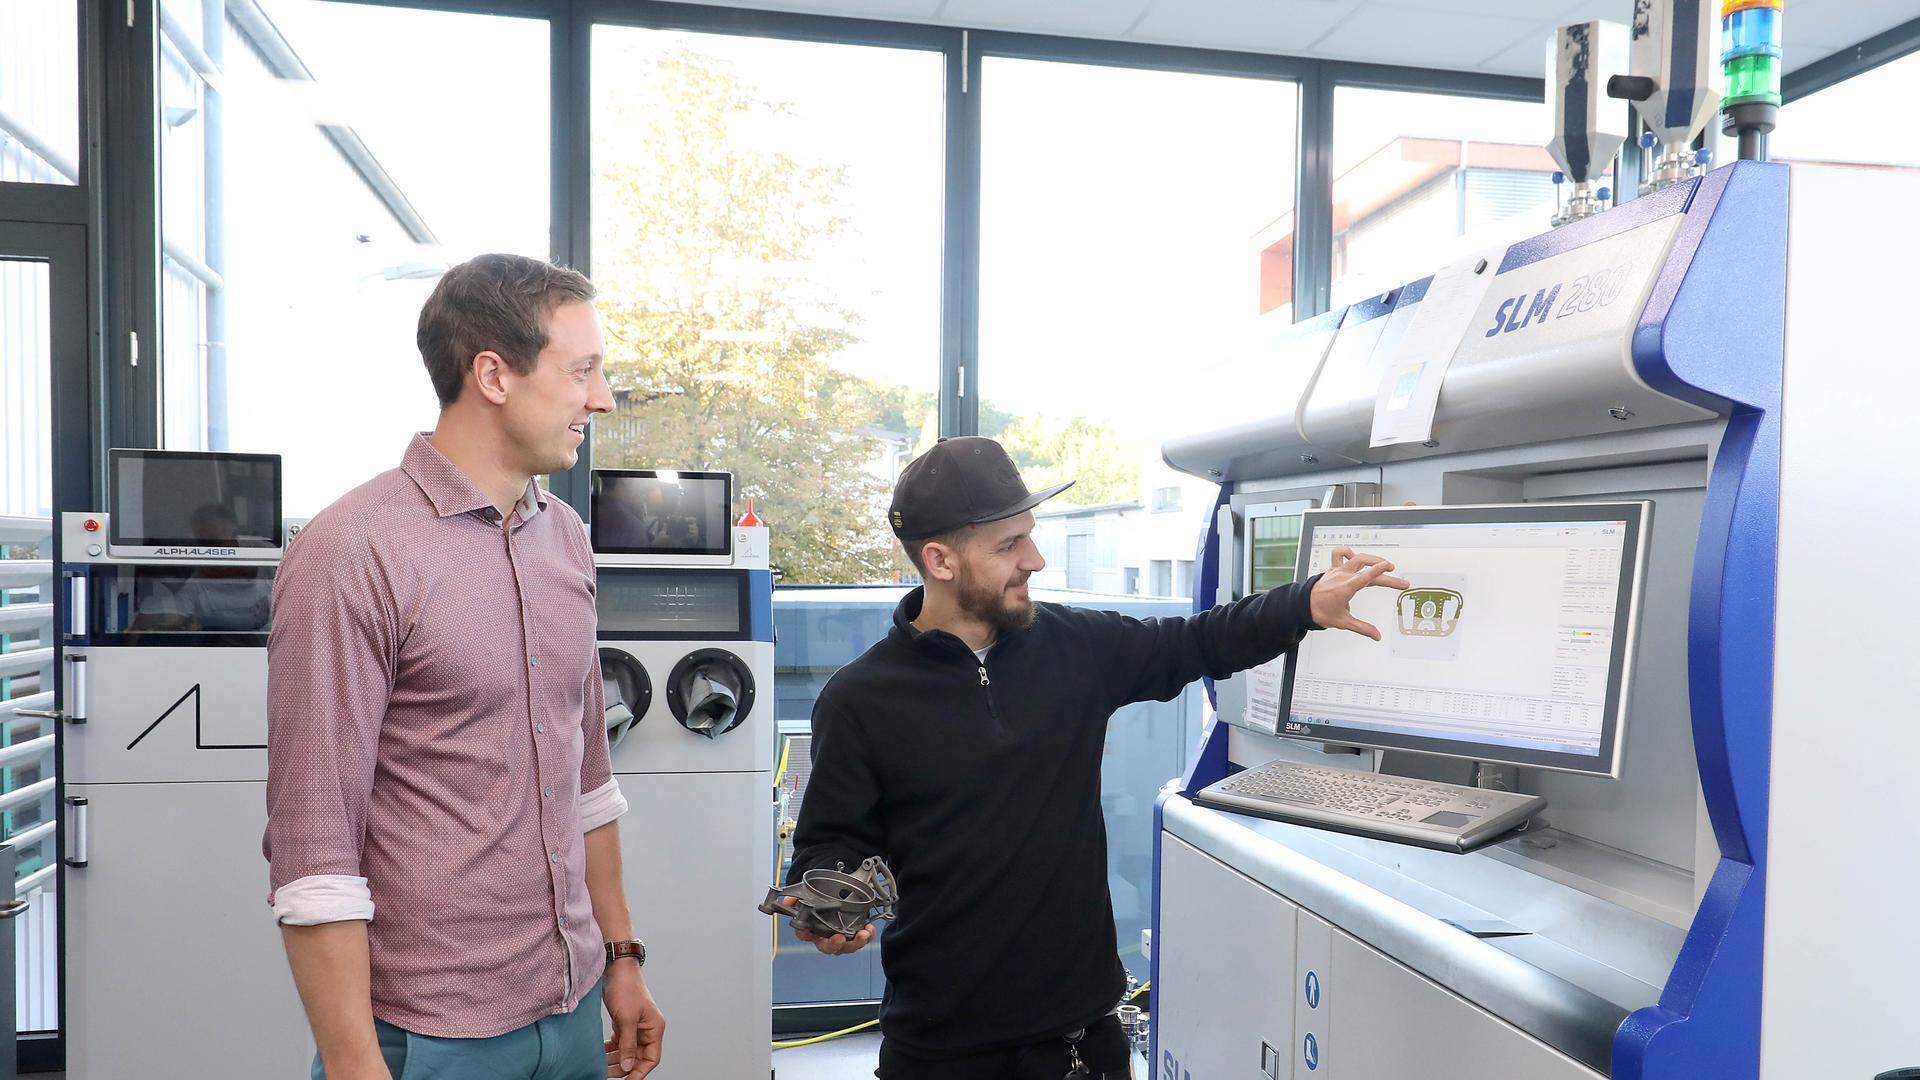 Rosswag Engineering stellt sogar das Metallpulver für den anschließenden 3D-Druck selbst her - Weltkonzerne nutzen die Expertise und kommen nach Pfinztal. Das Foto zeigt den Leiter von Rosswag Engineering, Gregor Graf (links), zusammen mit Mitarbeiter Eric Meinzer.